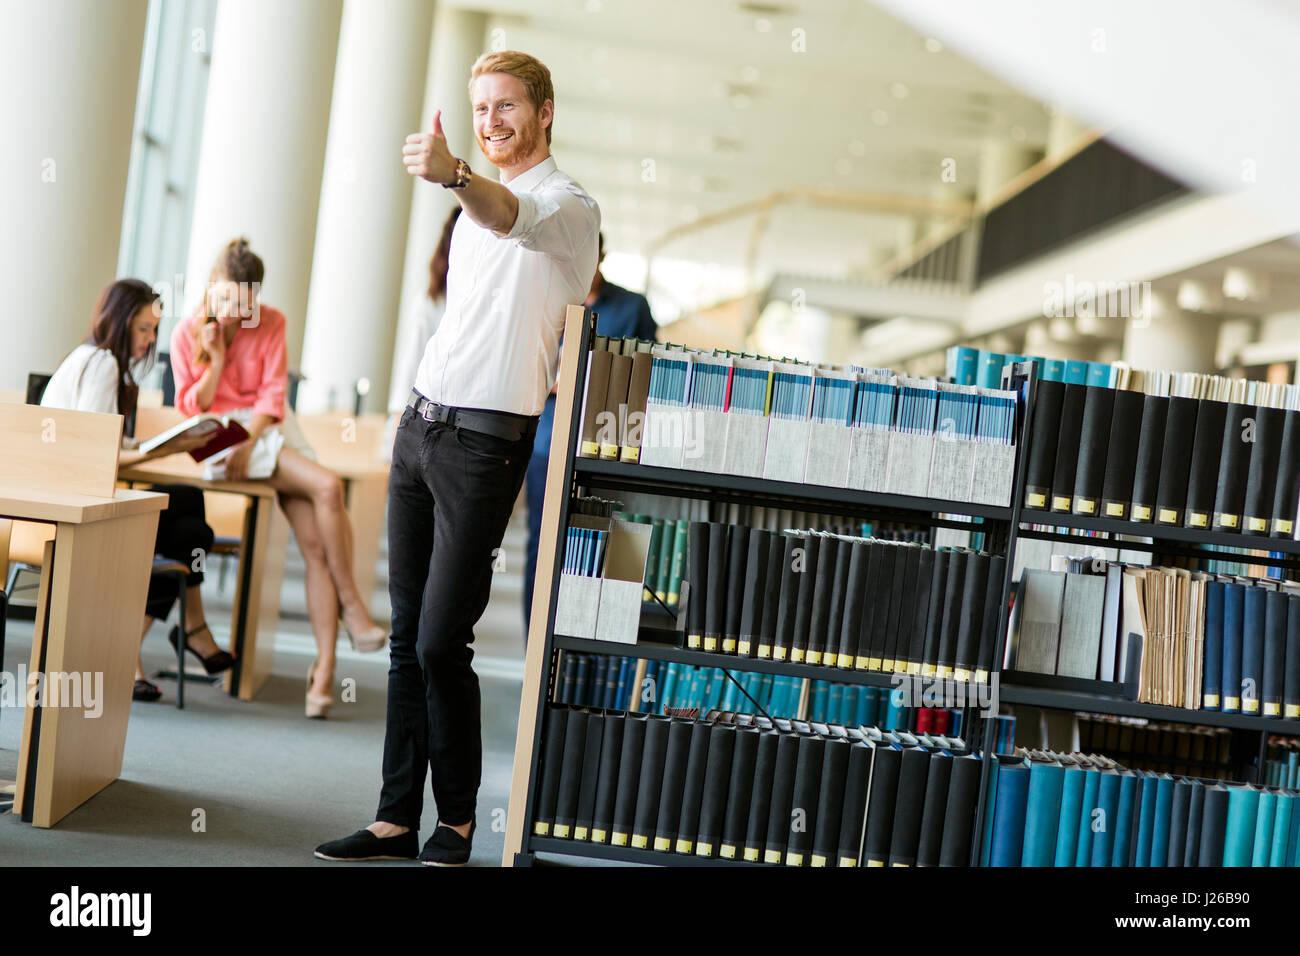 Grupo de jóvenes que estudian la lectura y la educación, sí en la biblioteca Imagen De Stock